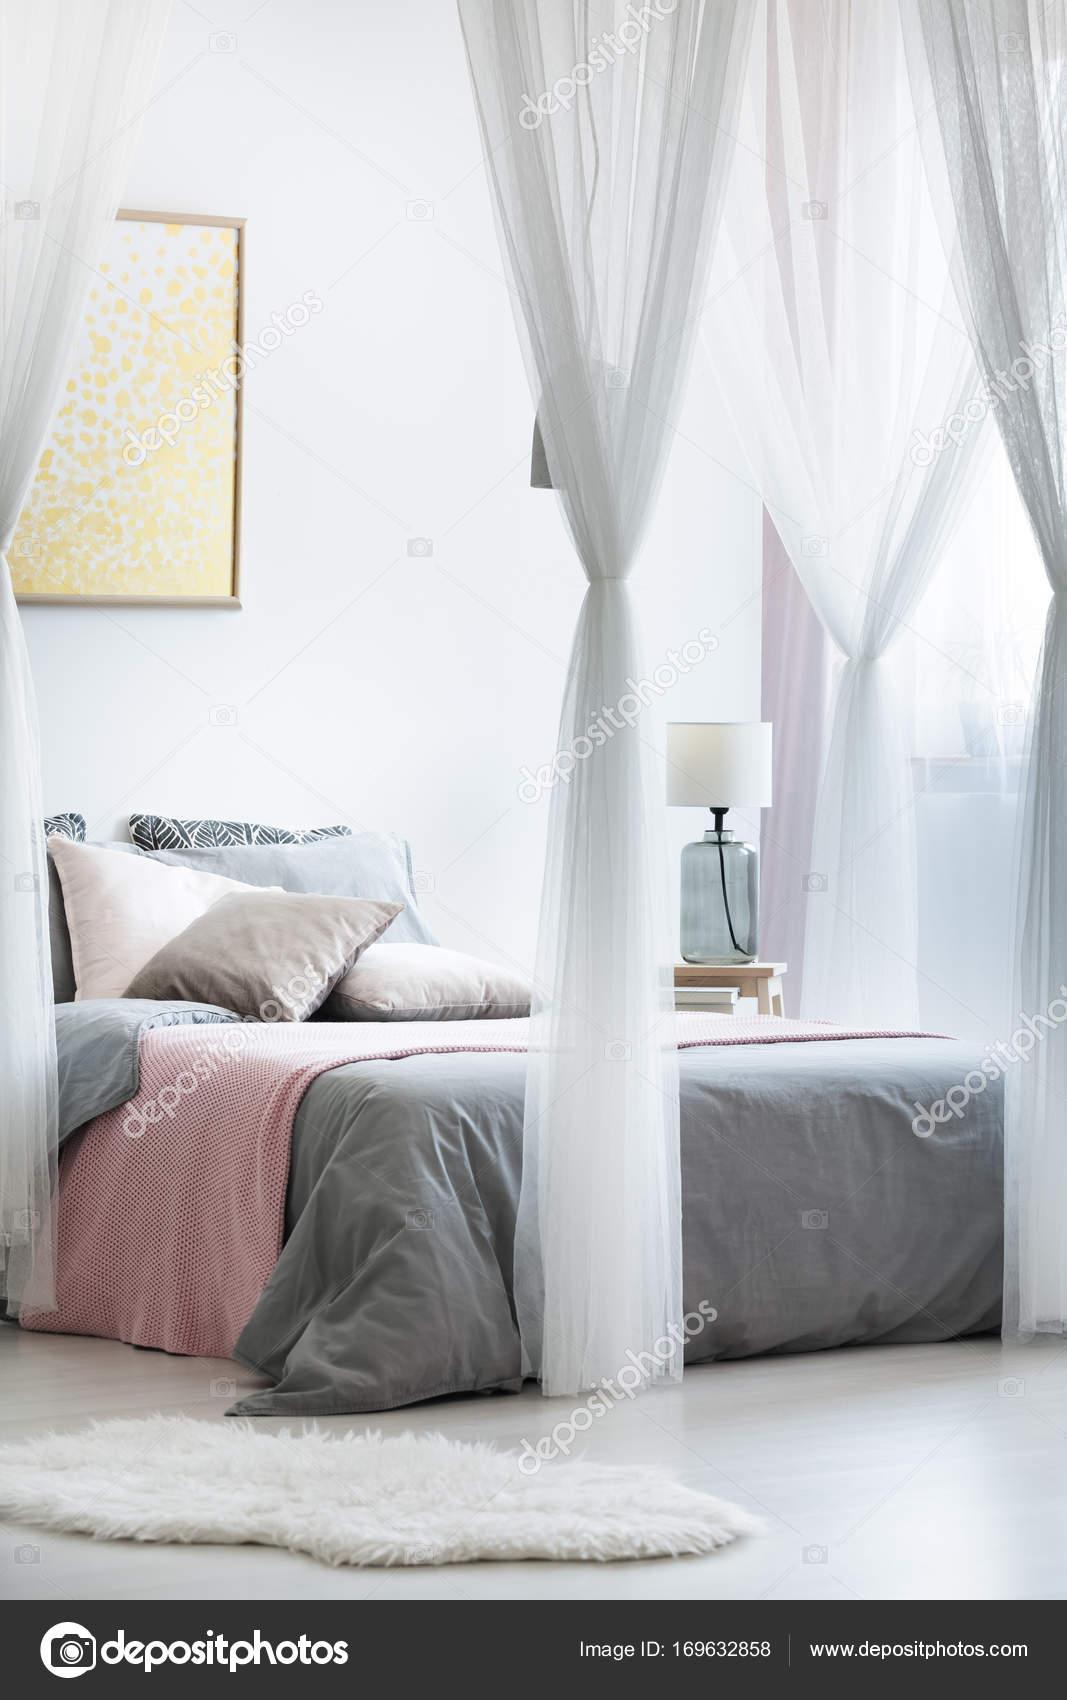 Goud schilderij in luifel slaapkamer — Stockfoto © photographee.eu ...